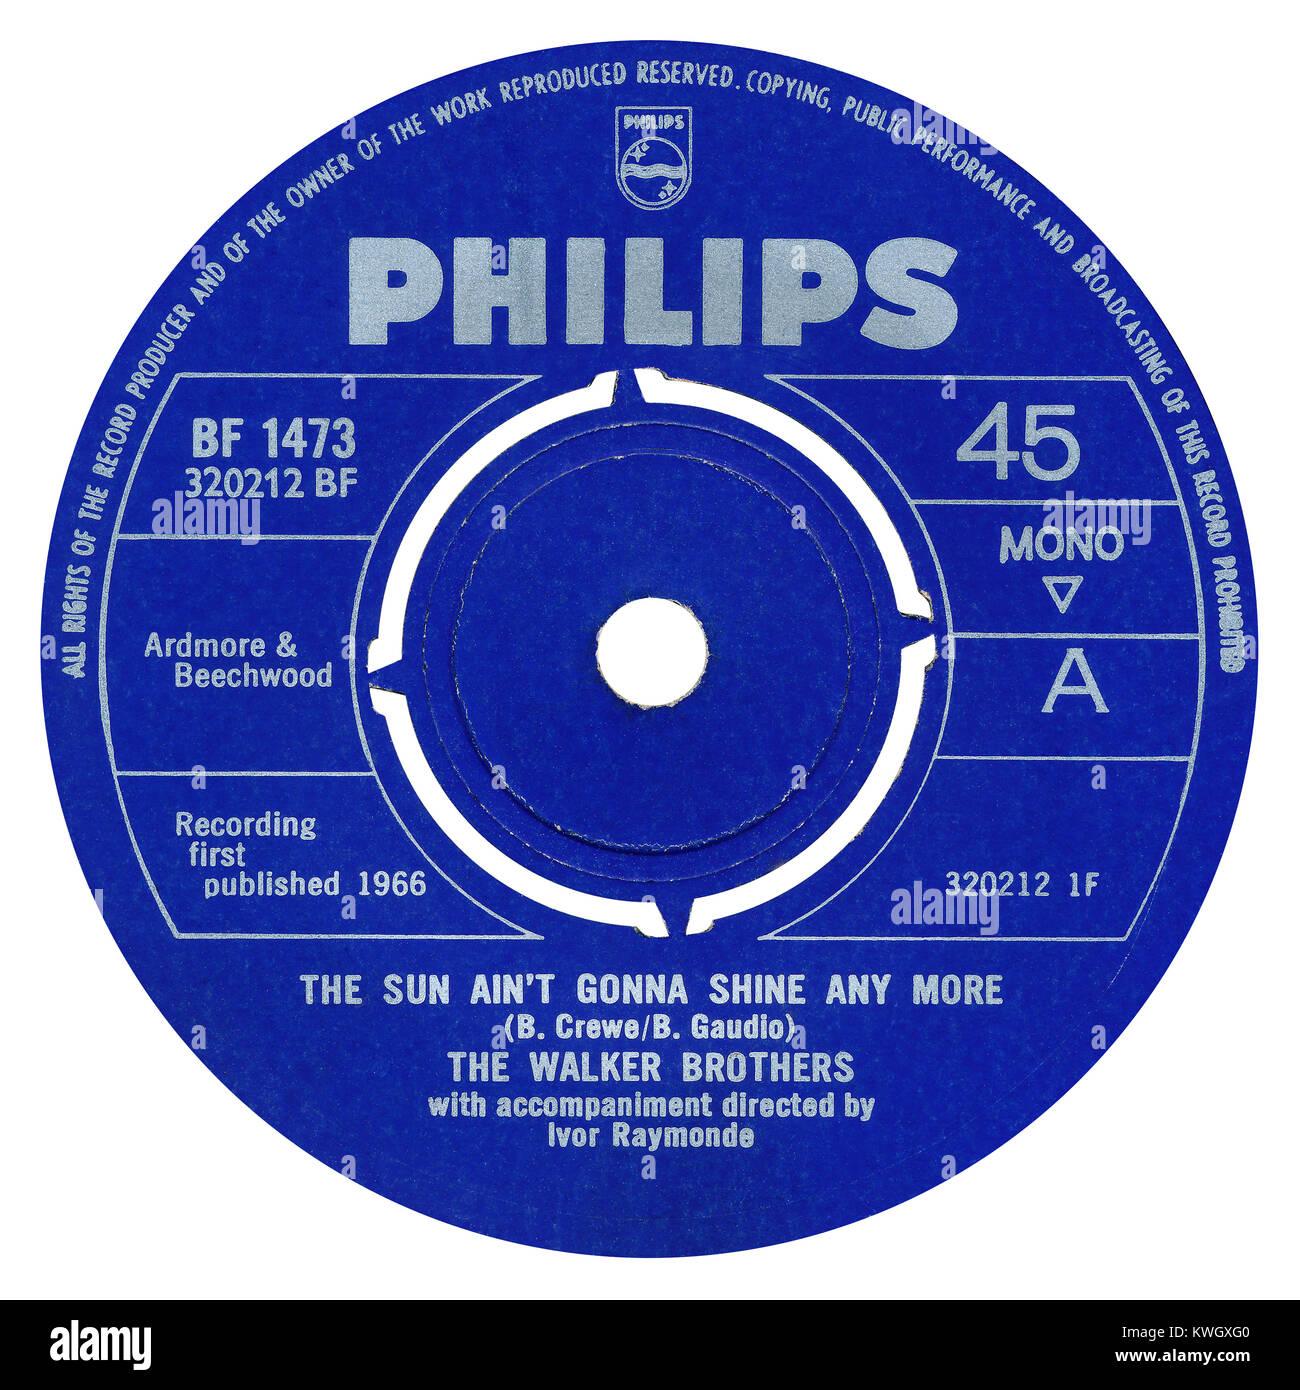 45 RPM 7' UK etichetta discografica del sole Ain't Gonna Shine qualsiasi più dai fratelli Walker. Scritto Immagini Stock